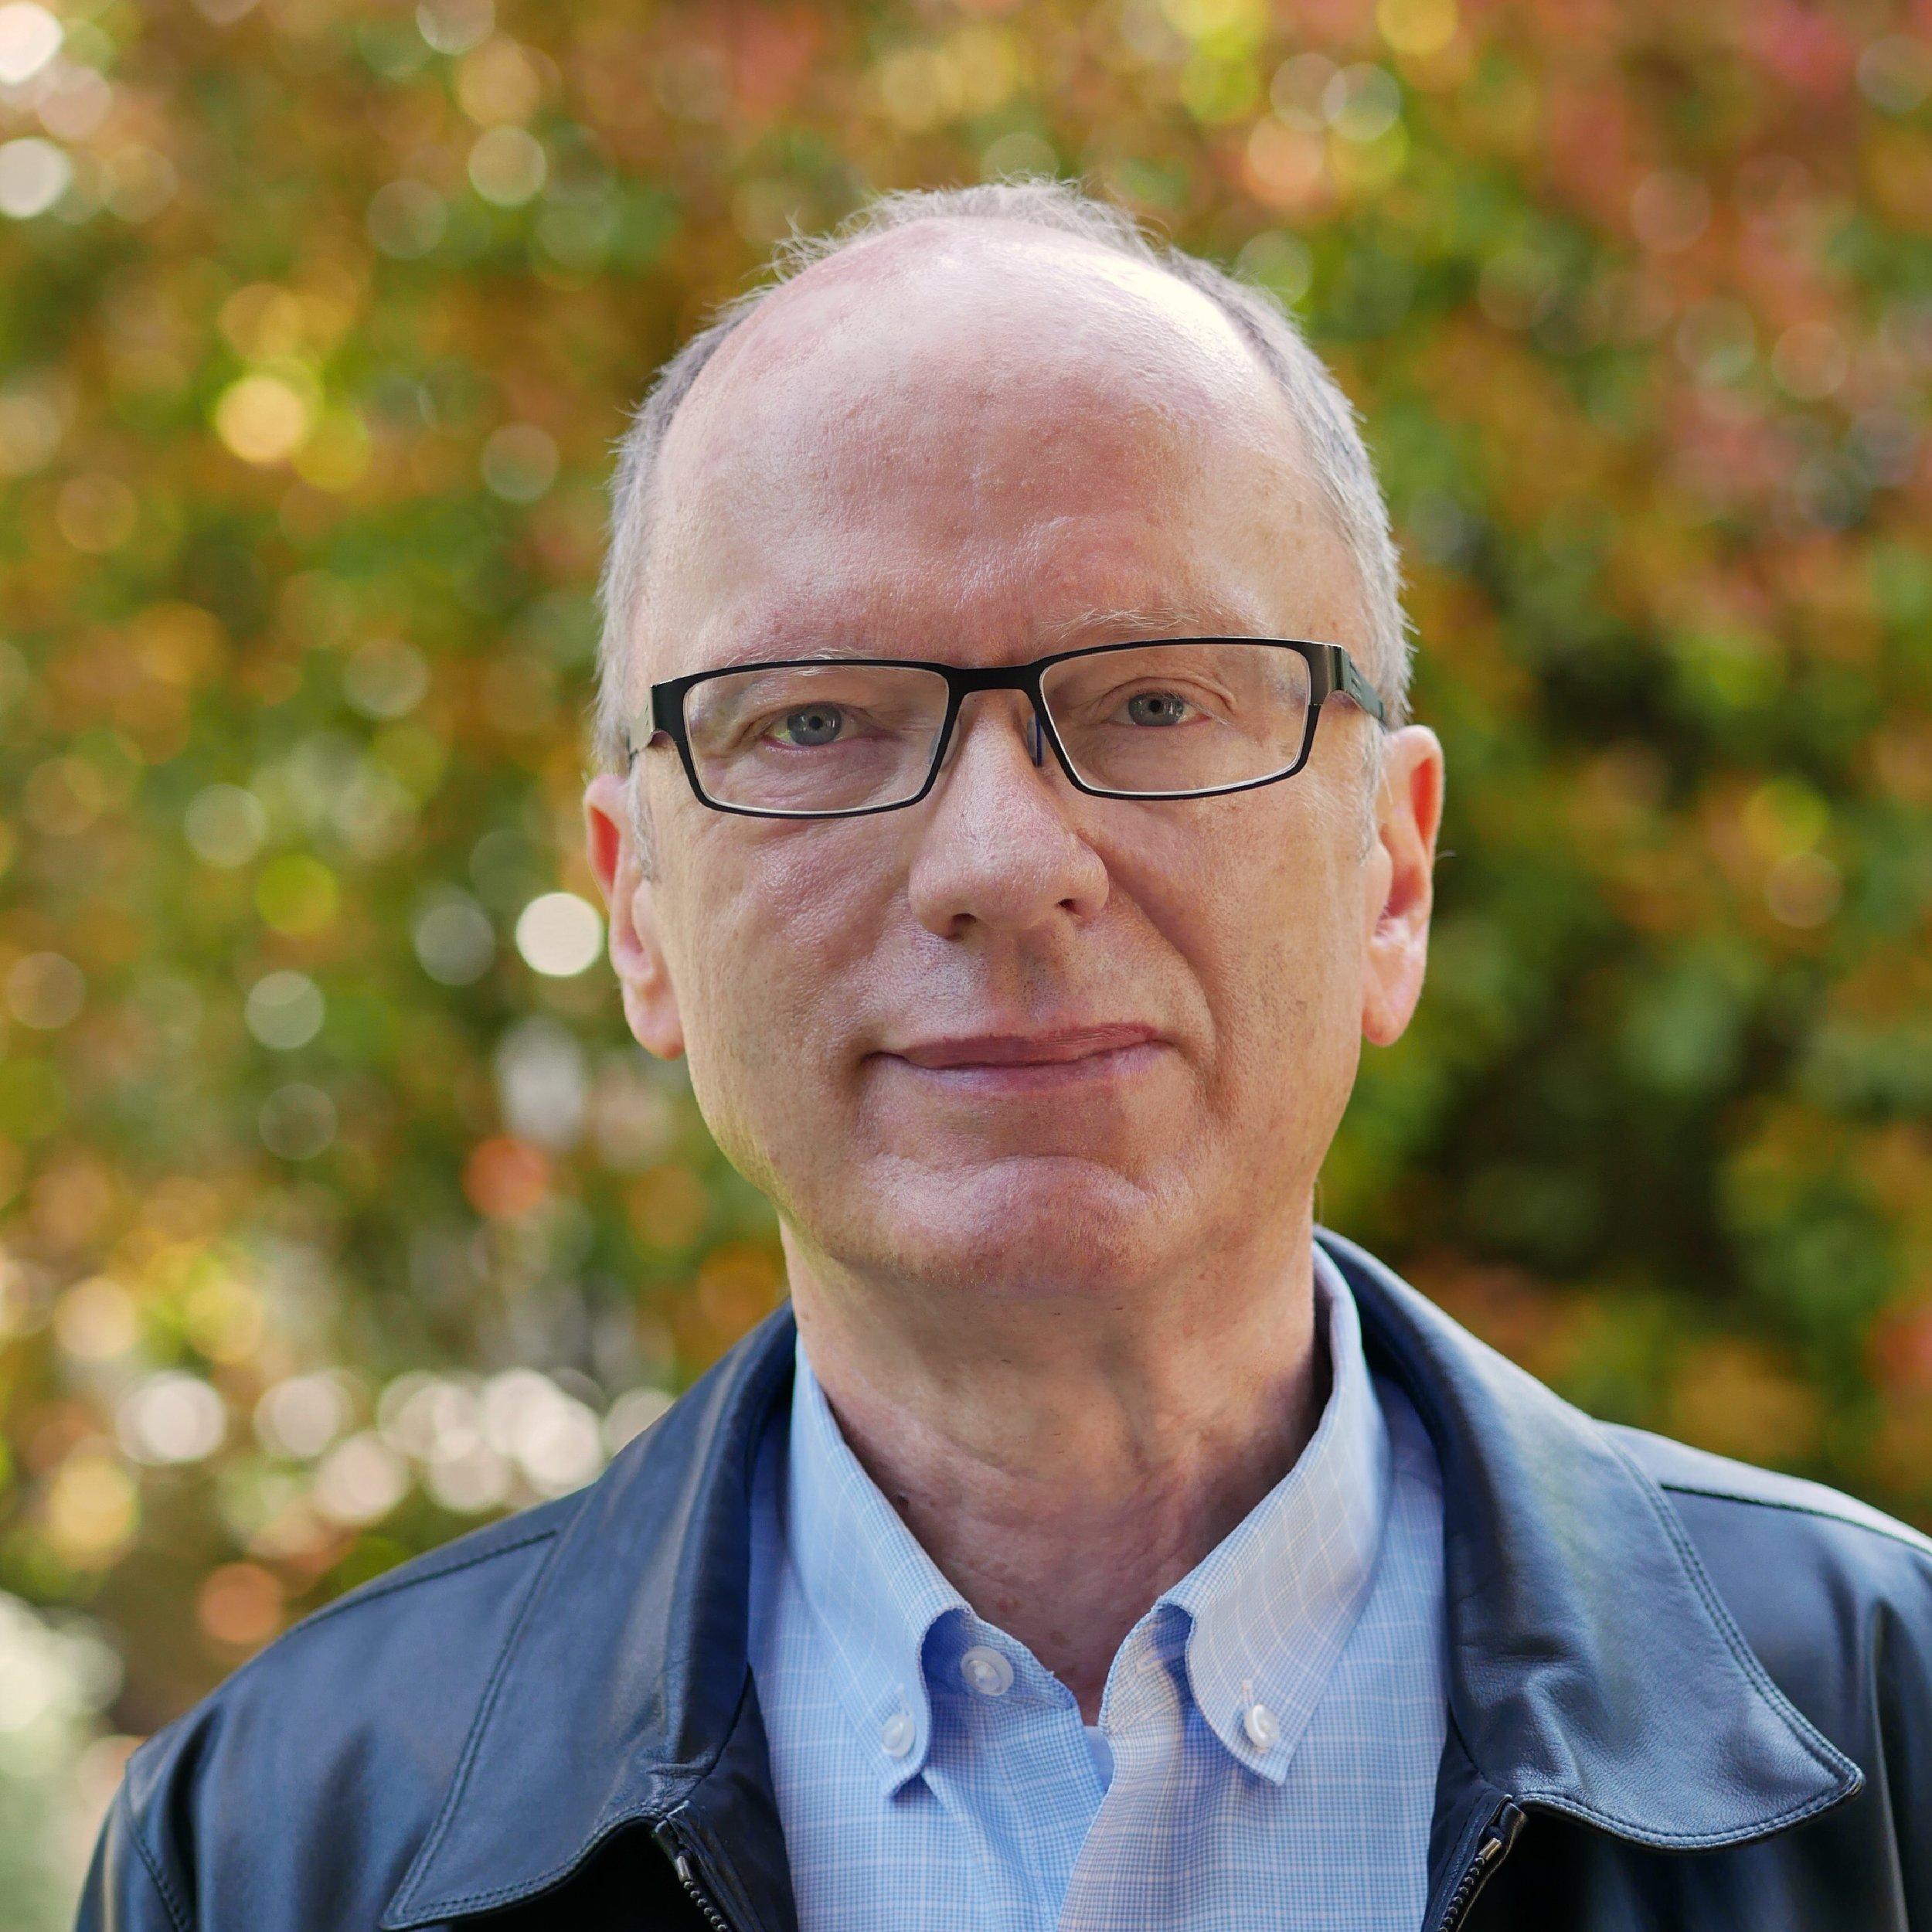 Phil Sestak headshot.JPG